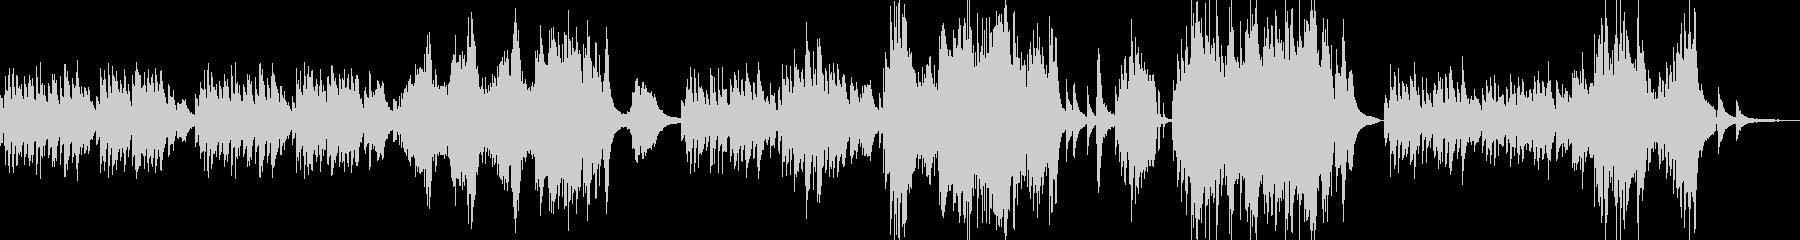 ランゲの人気曲、Blumenliedですの未再生の波形